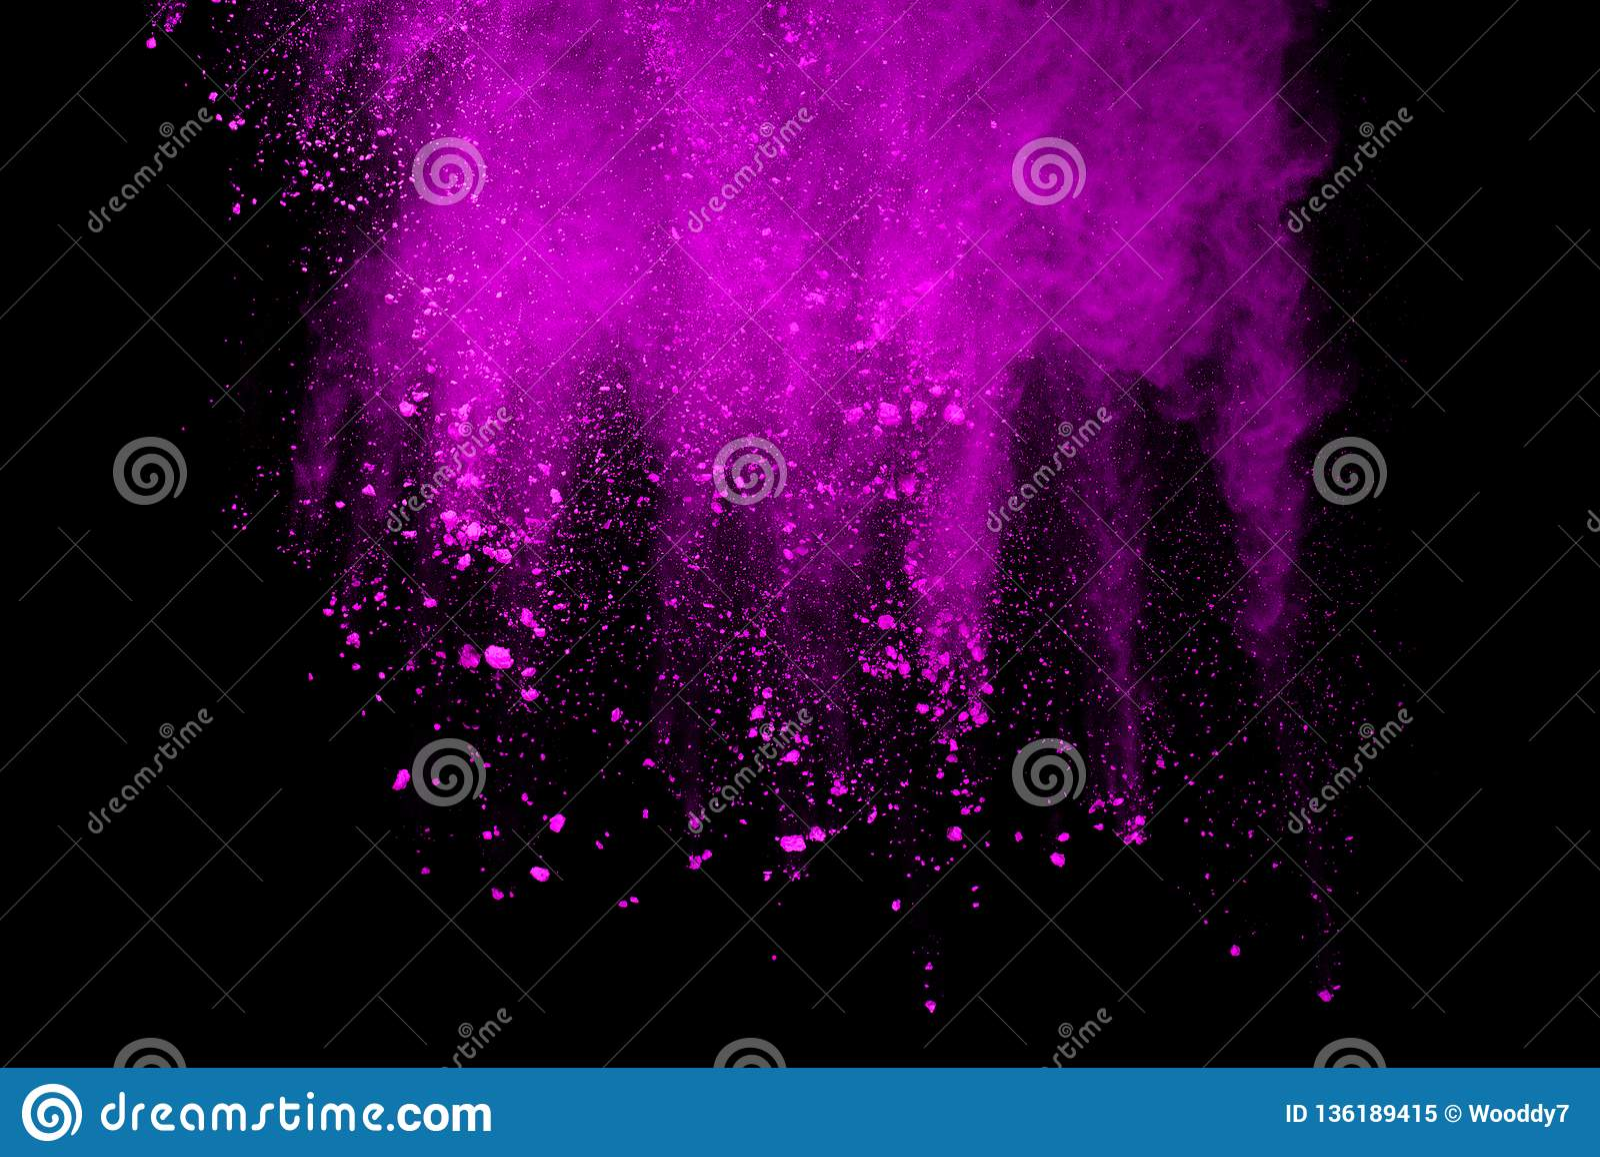 Freeze motion of purple powder exploding on black background.